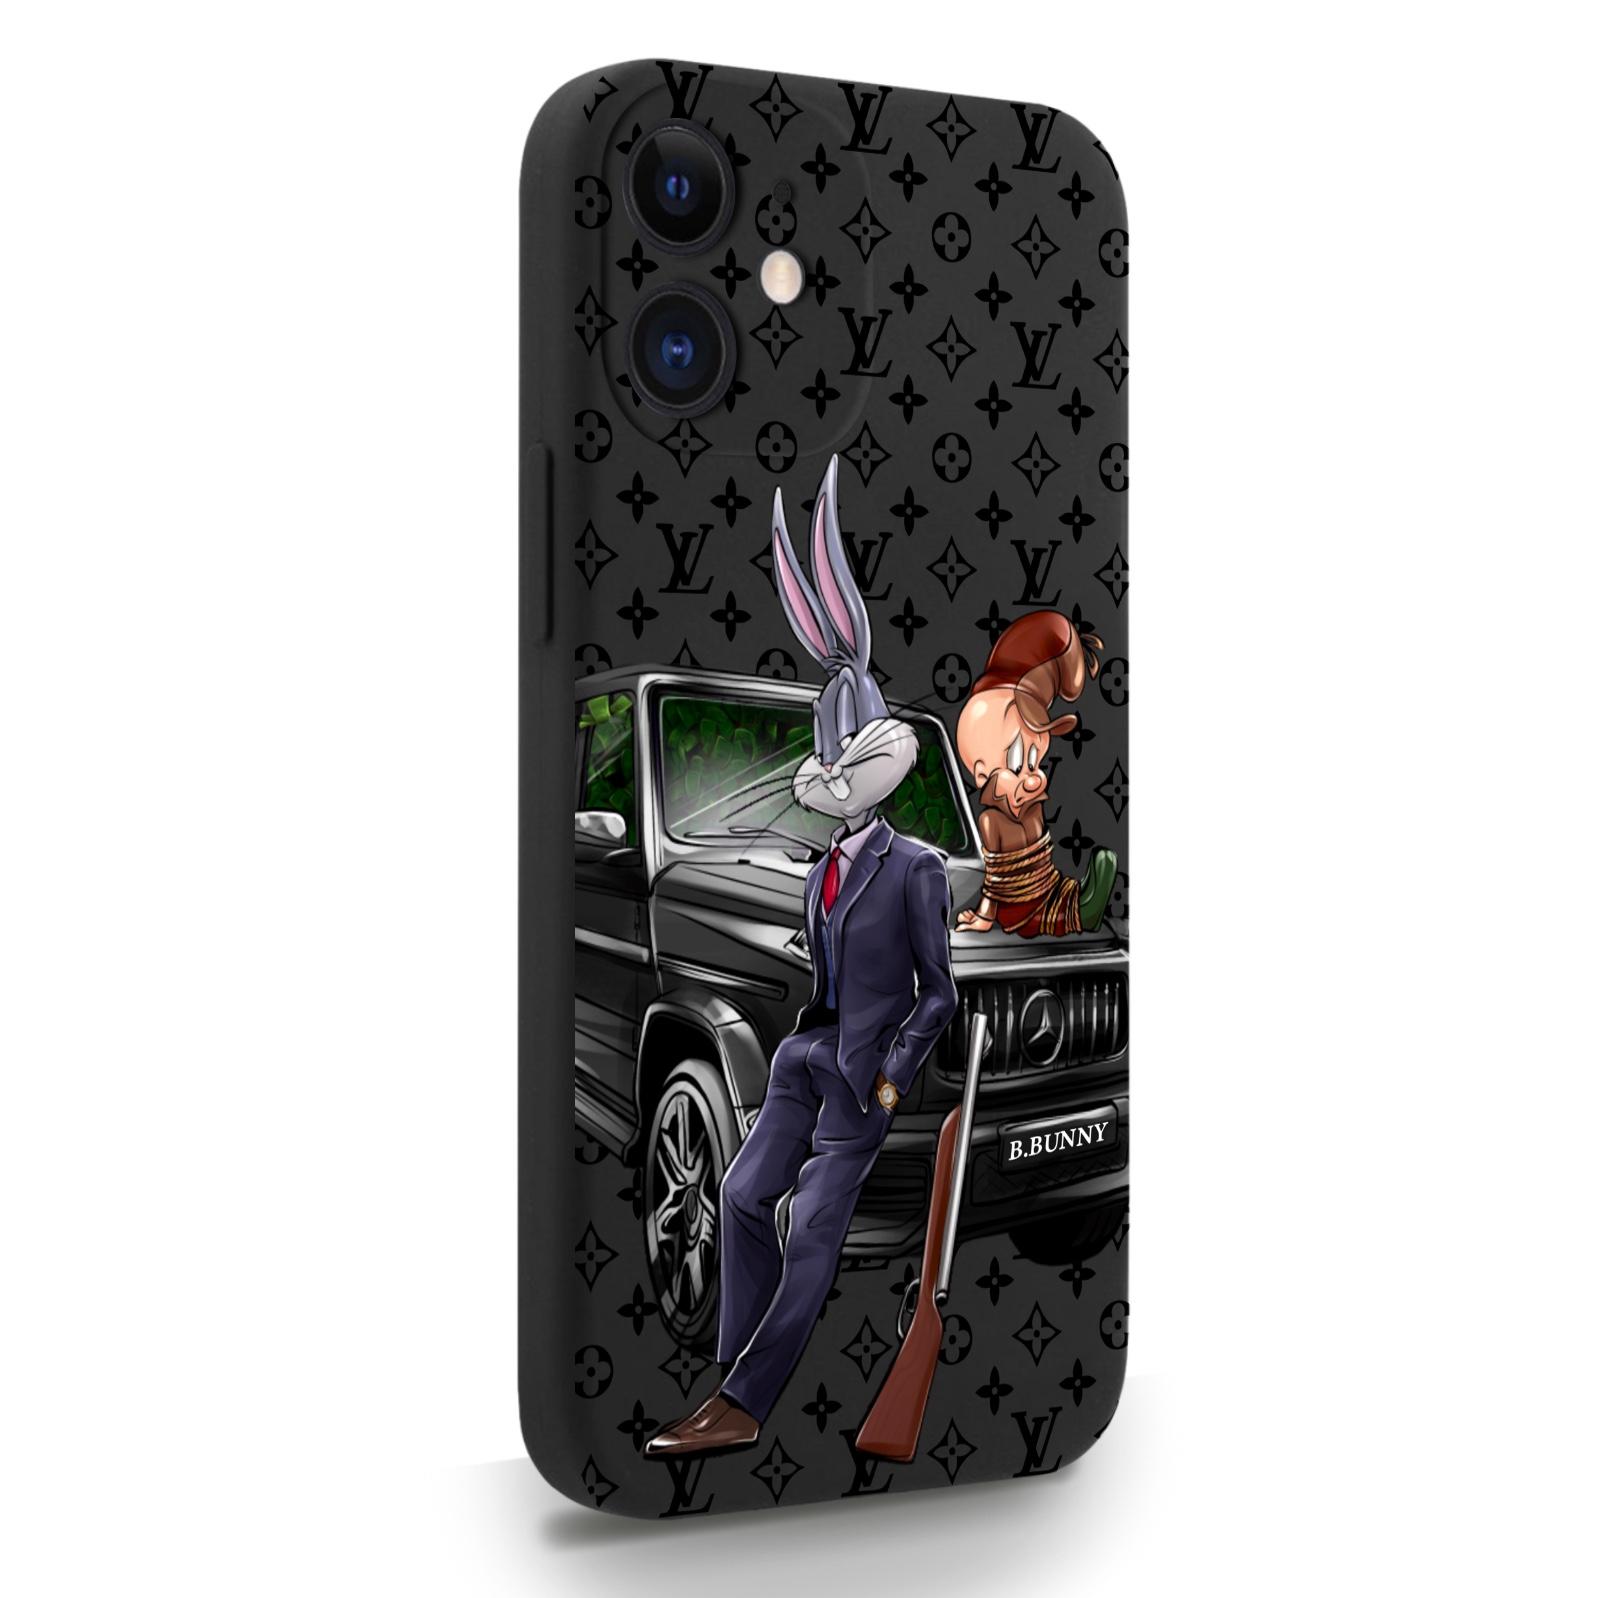 Черный силиконовый чехол для iPhone 12 Mini Мистер Богатый Заяц Бизнес/ Mr. Rich Bunny Business для Айфон 12 Мини